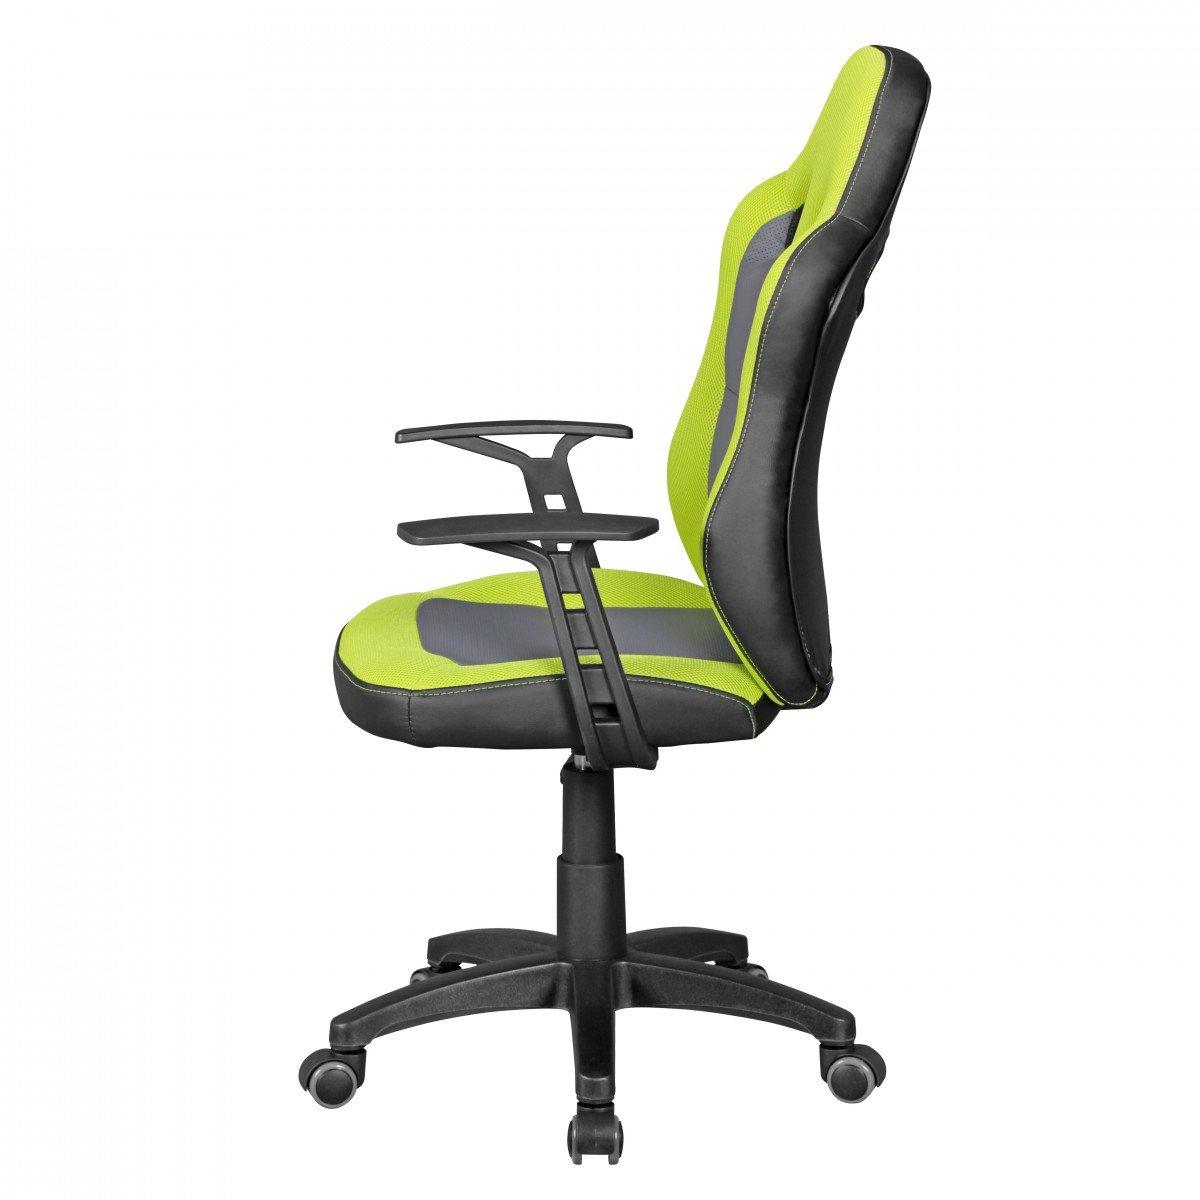 Amstyle Speedy Kinder-Schreibtischstuhl für Kinder ab 8, grün/grau ...